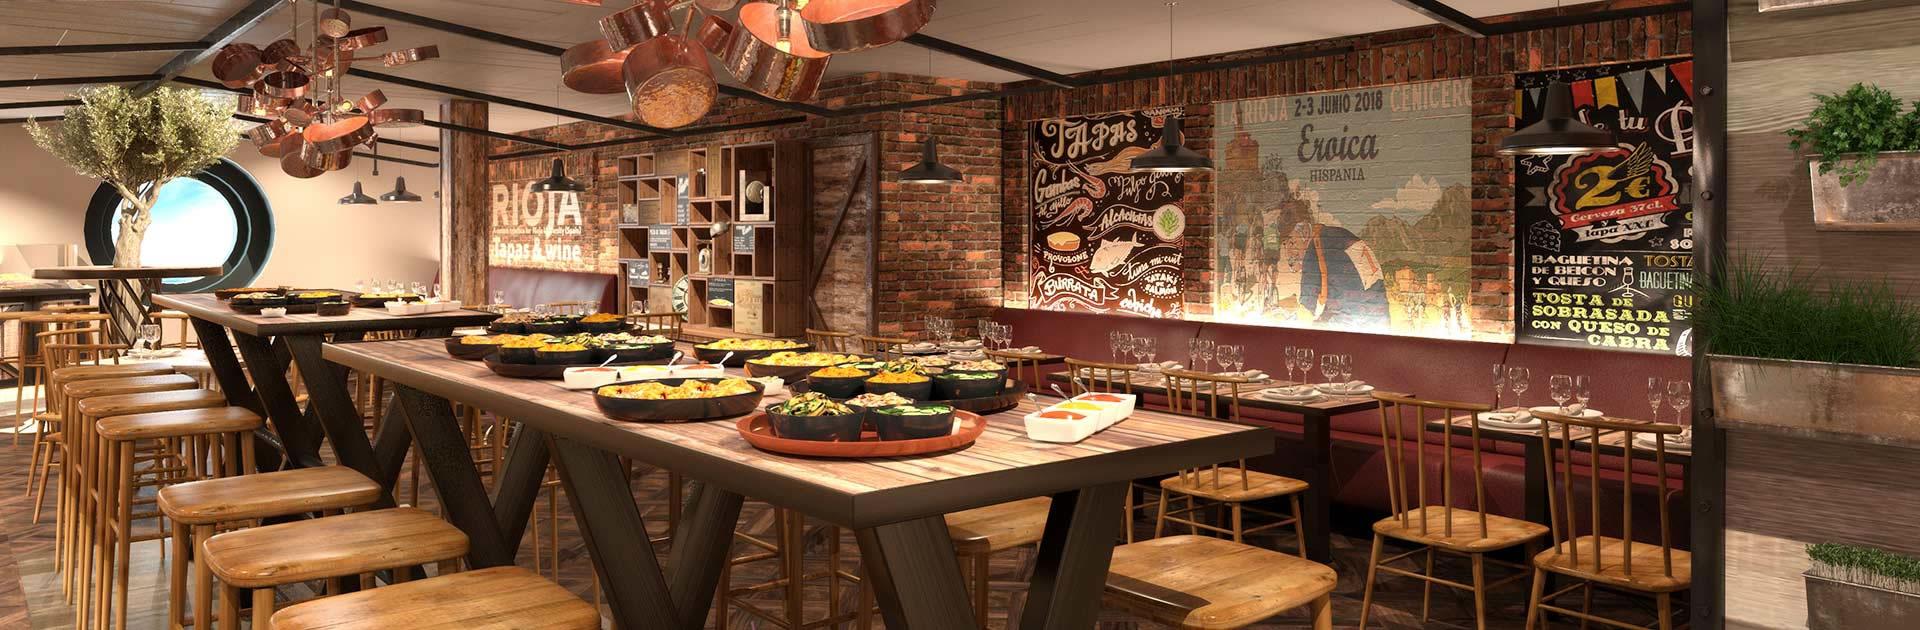 """Restaurante """"Hola! Tapas Bar"""" del conocido chef español Ramón Freixa"""